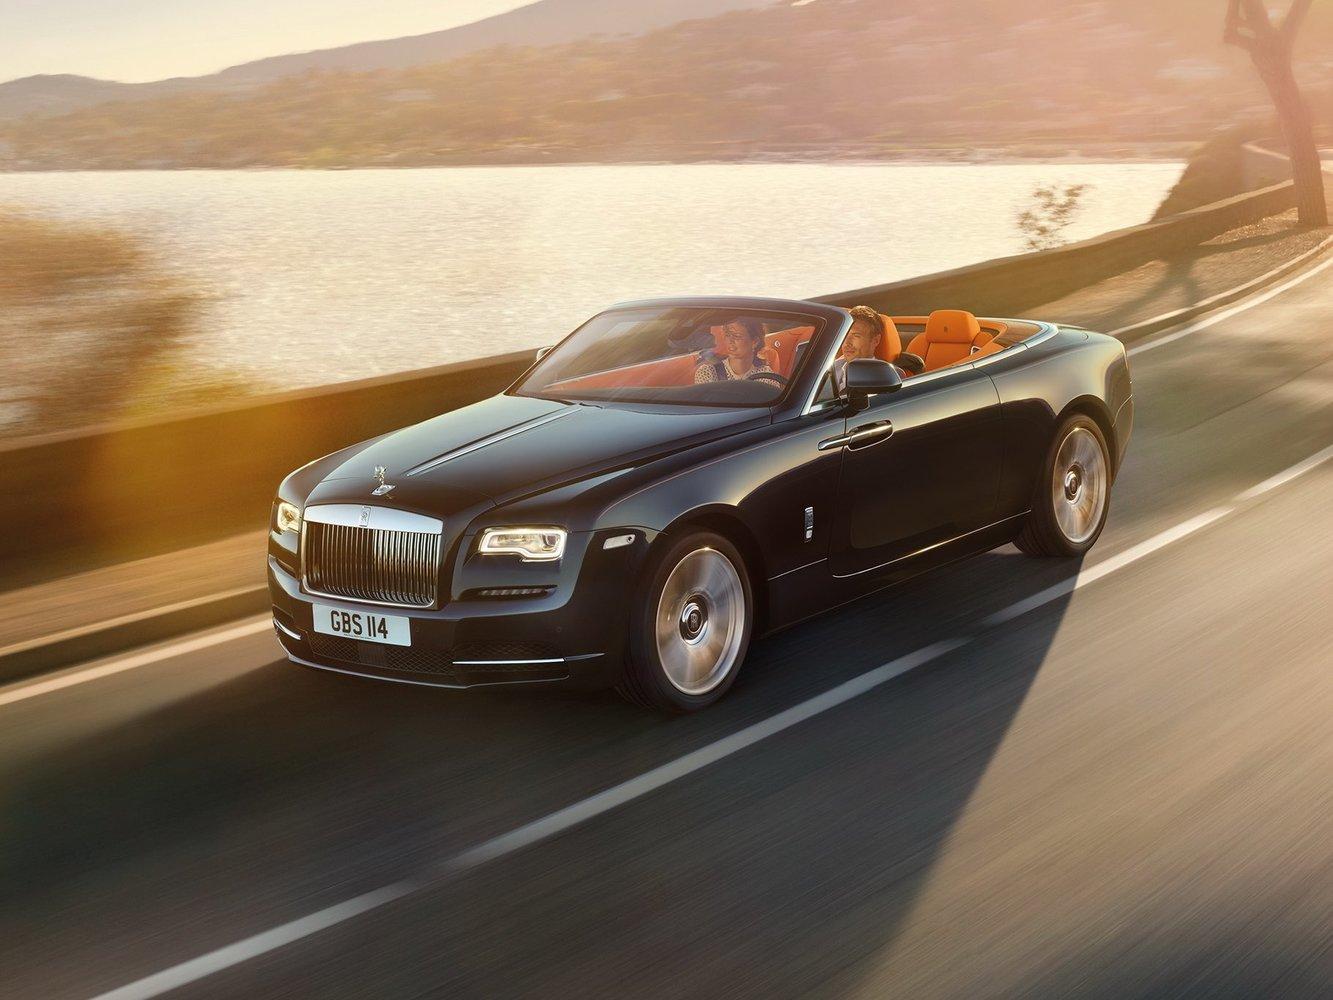 rolls_royce Rolls-Royce Dawn